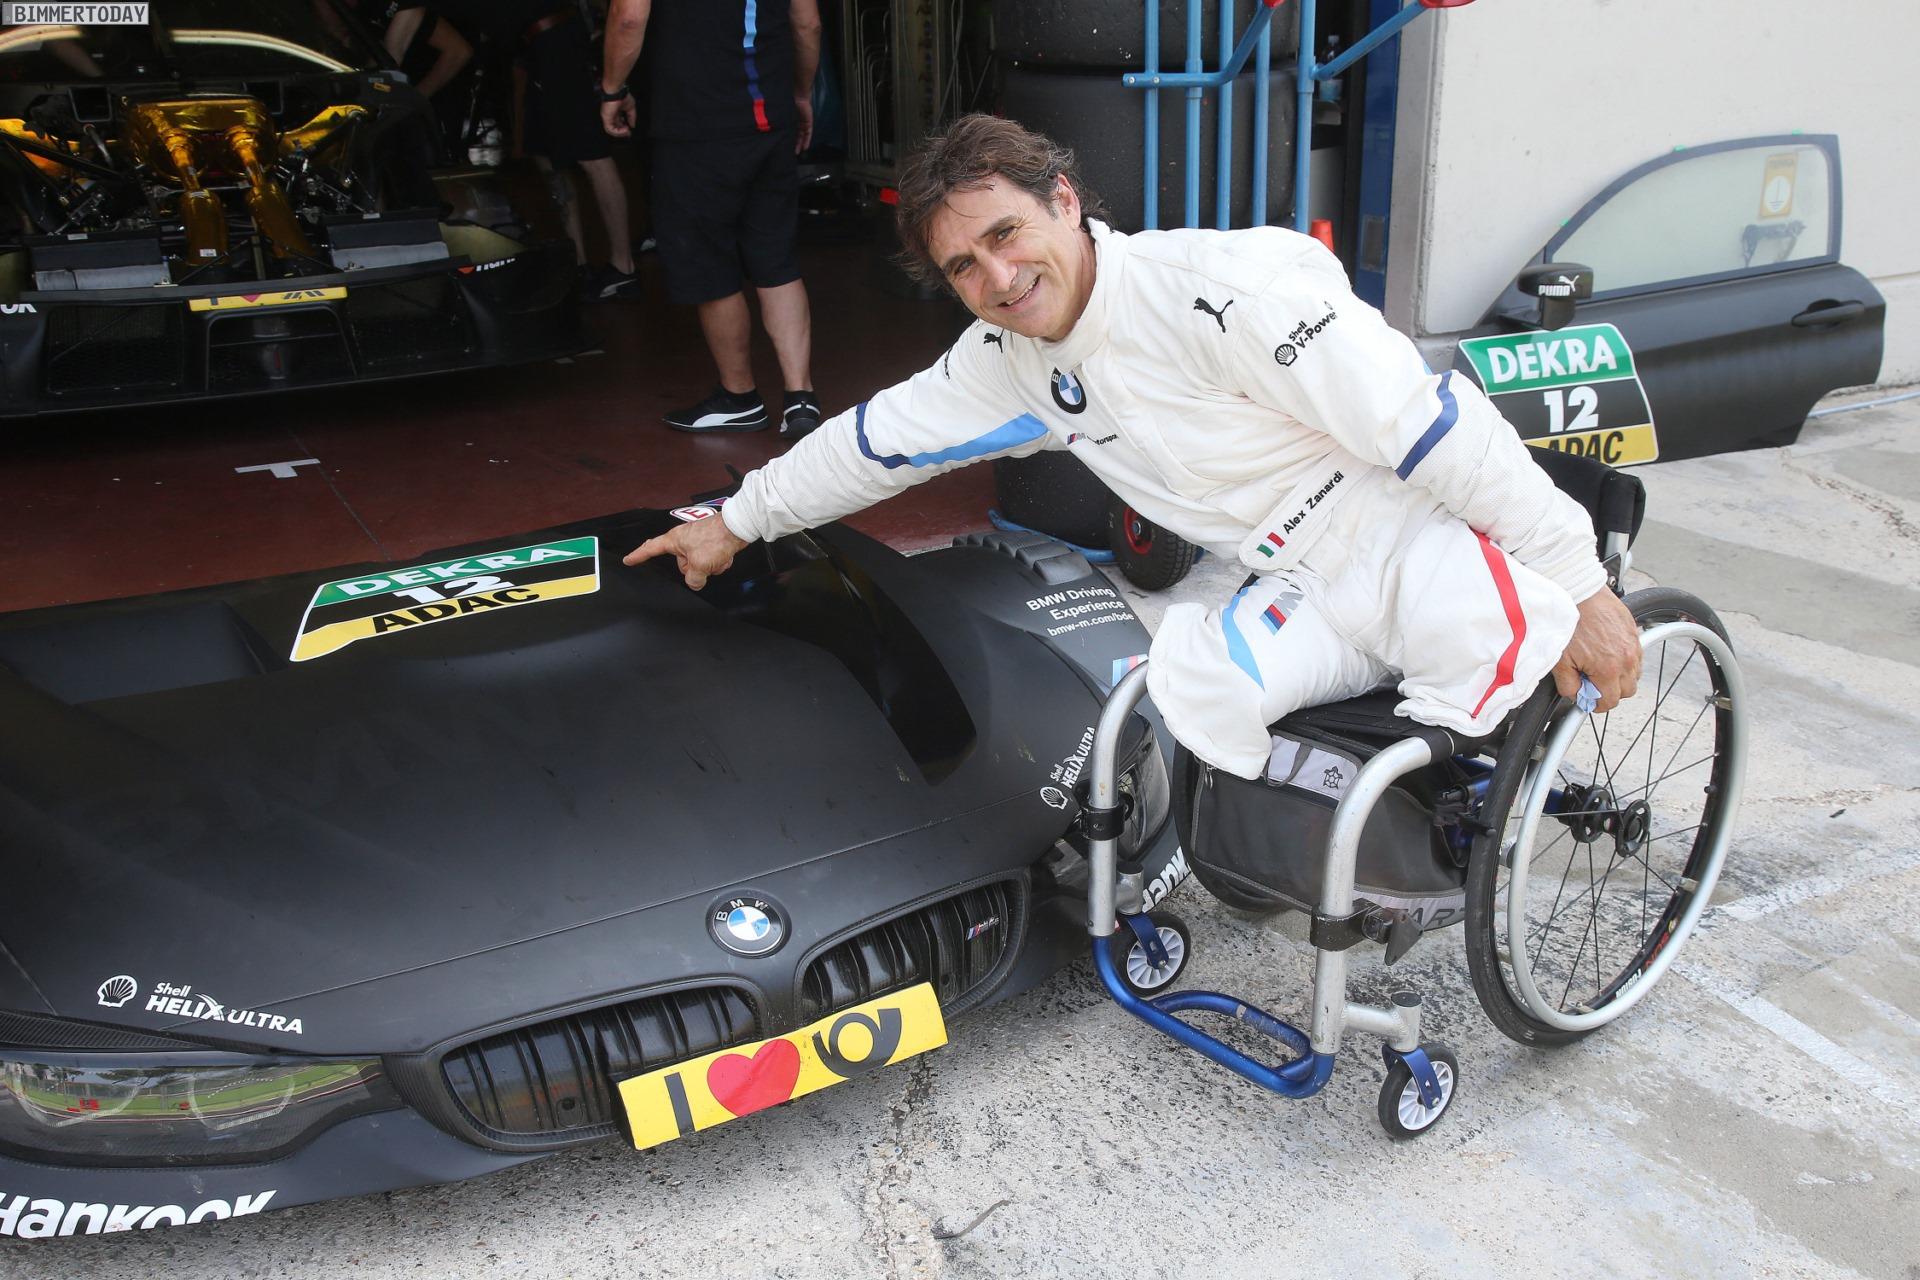 Alex Zanardi Meistert Vallelunga Test Im Bmw M4 Dtm